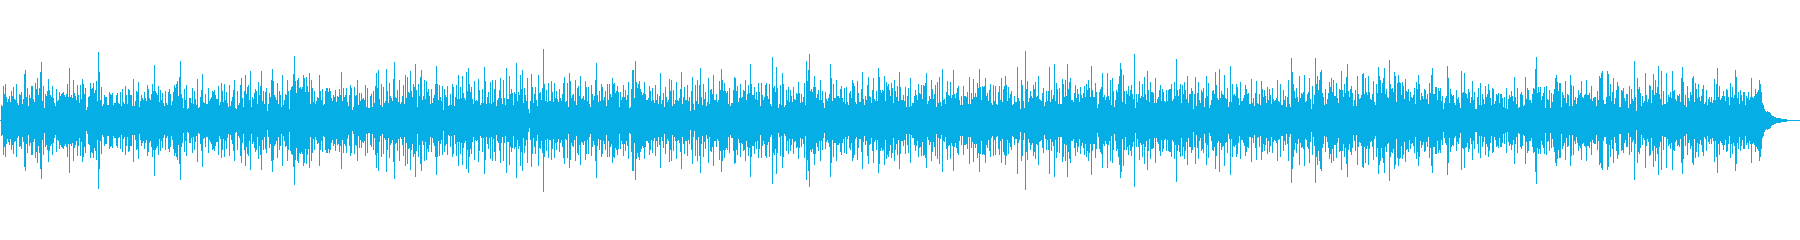 BGM|エレピの音色が心地よいJAZZの再生済みの波形